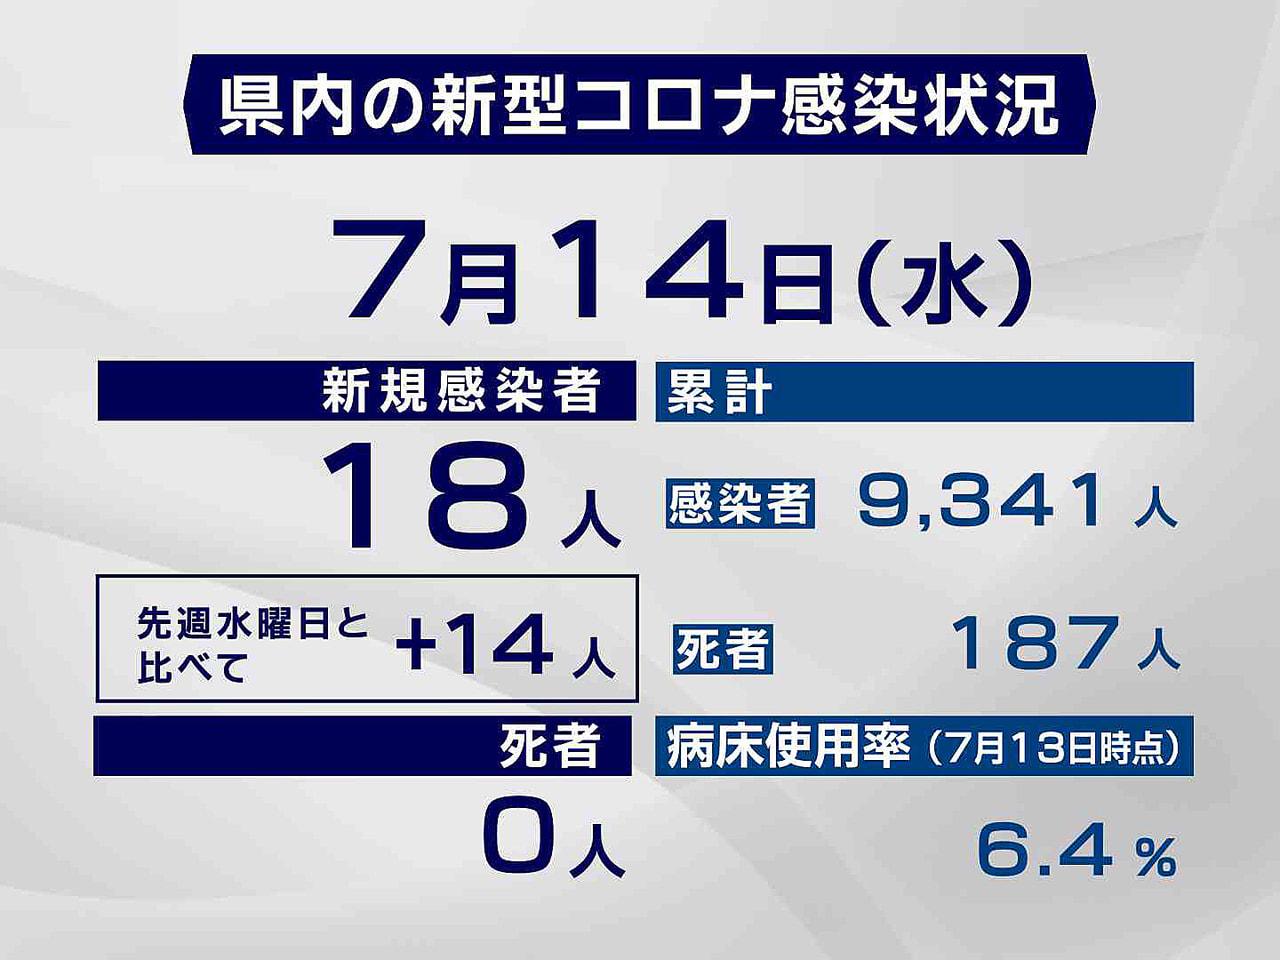 岐阜県と岐阜市は14日、新型コロナウイルスの感染者が新たに18人確認されたと発表...